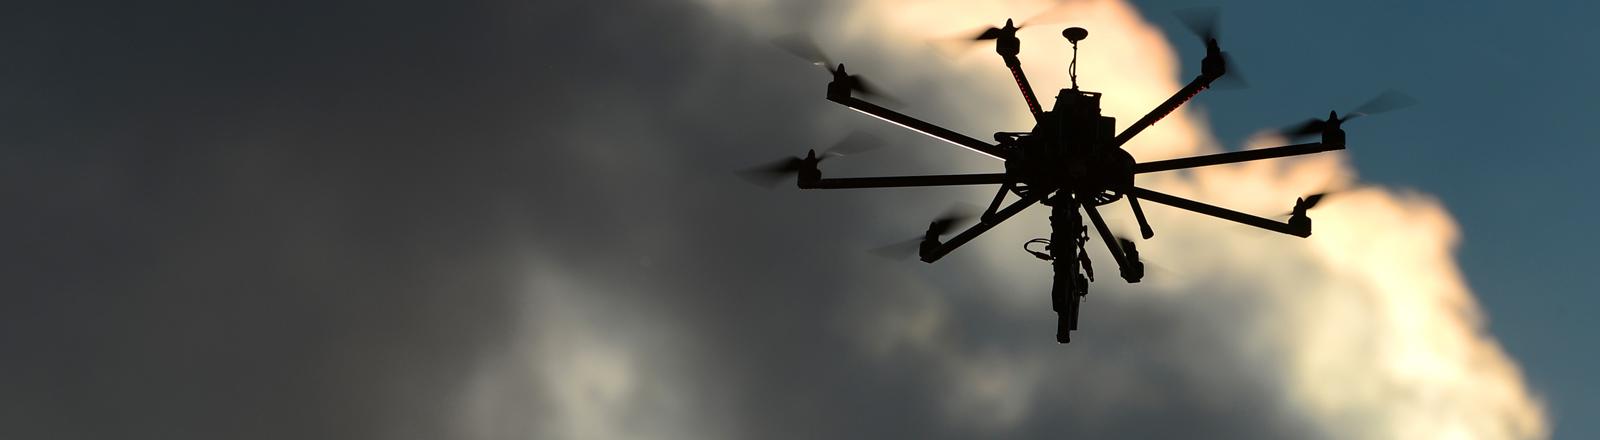 Drohne mit Maschinengewehr